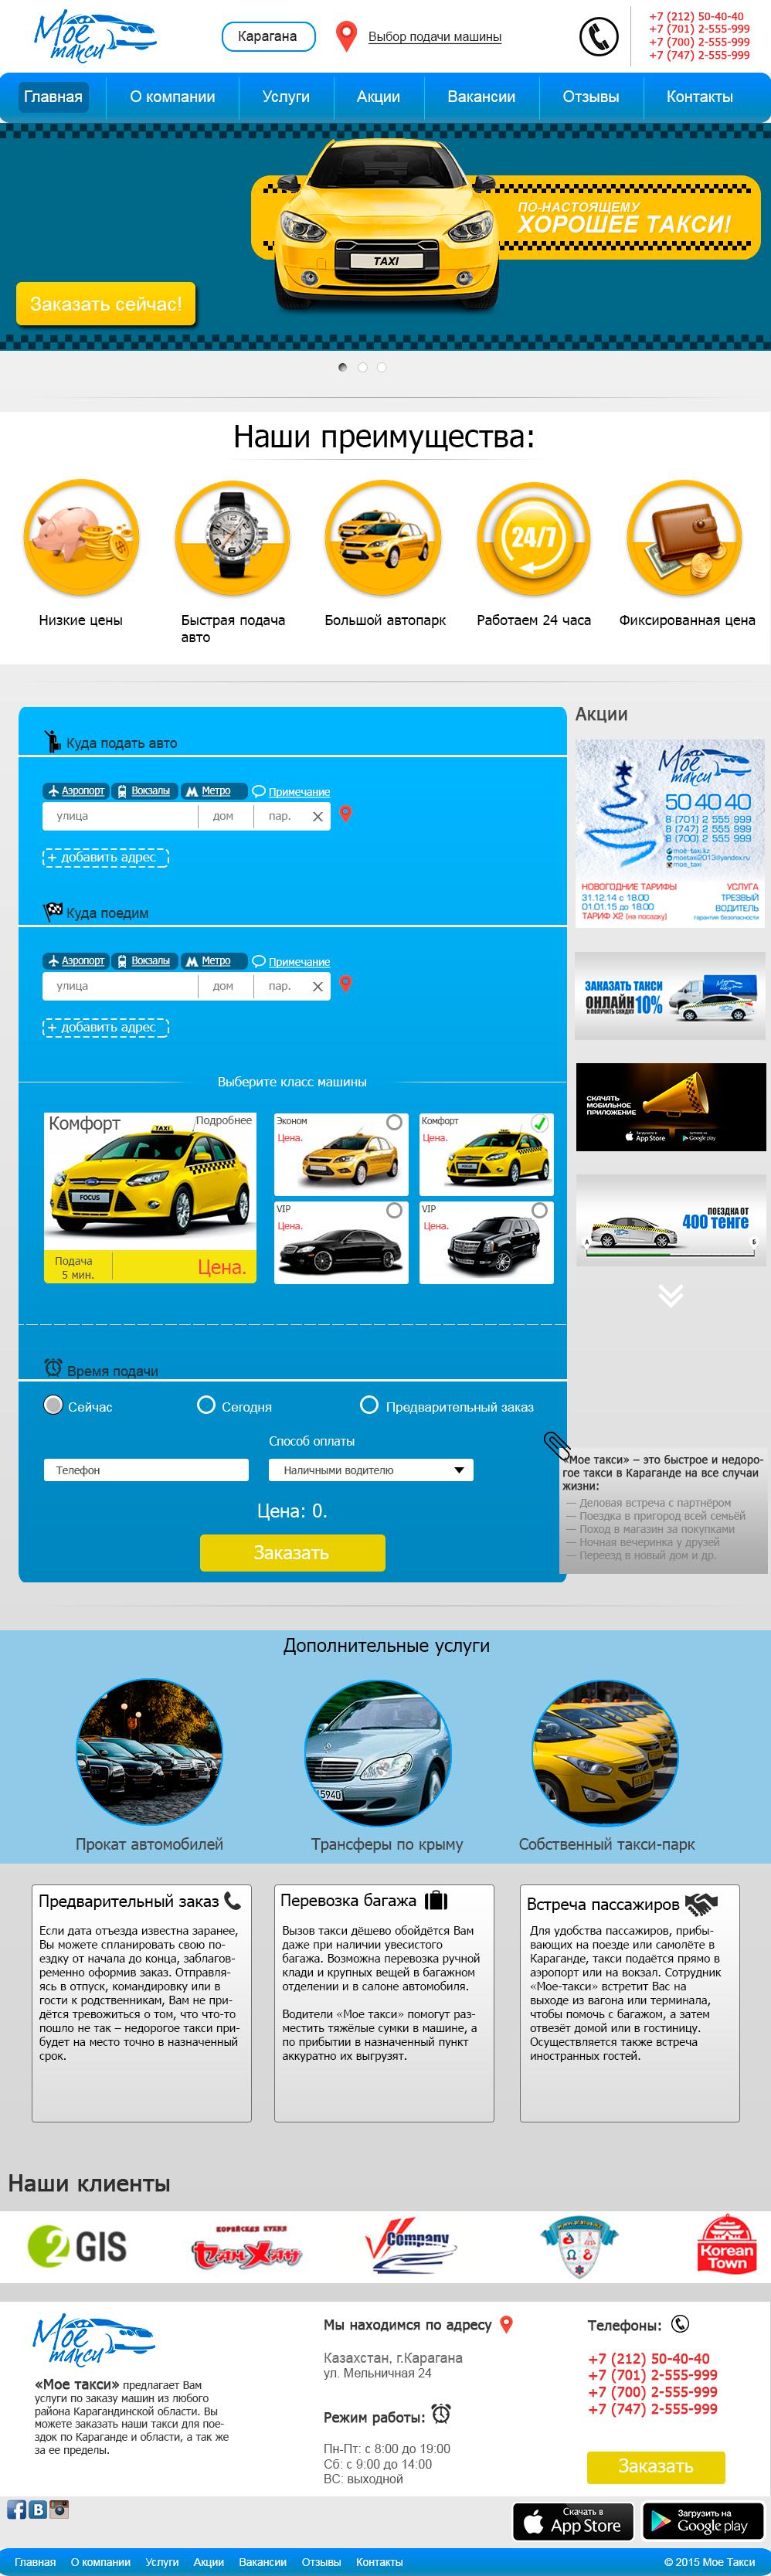 Дизайн главной страницы такси сайта